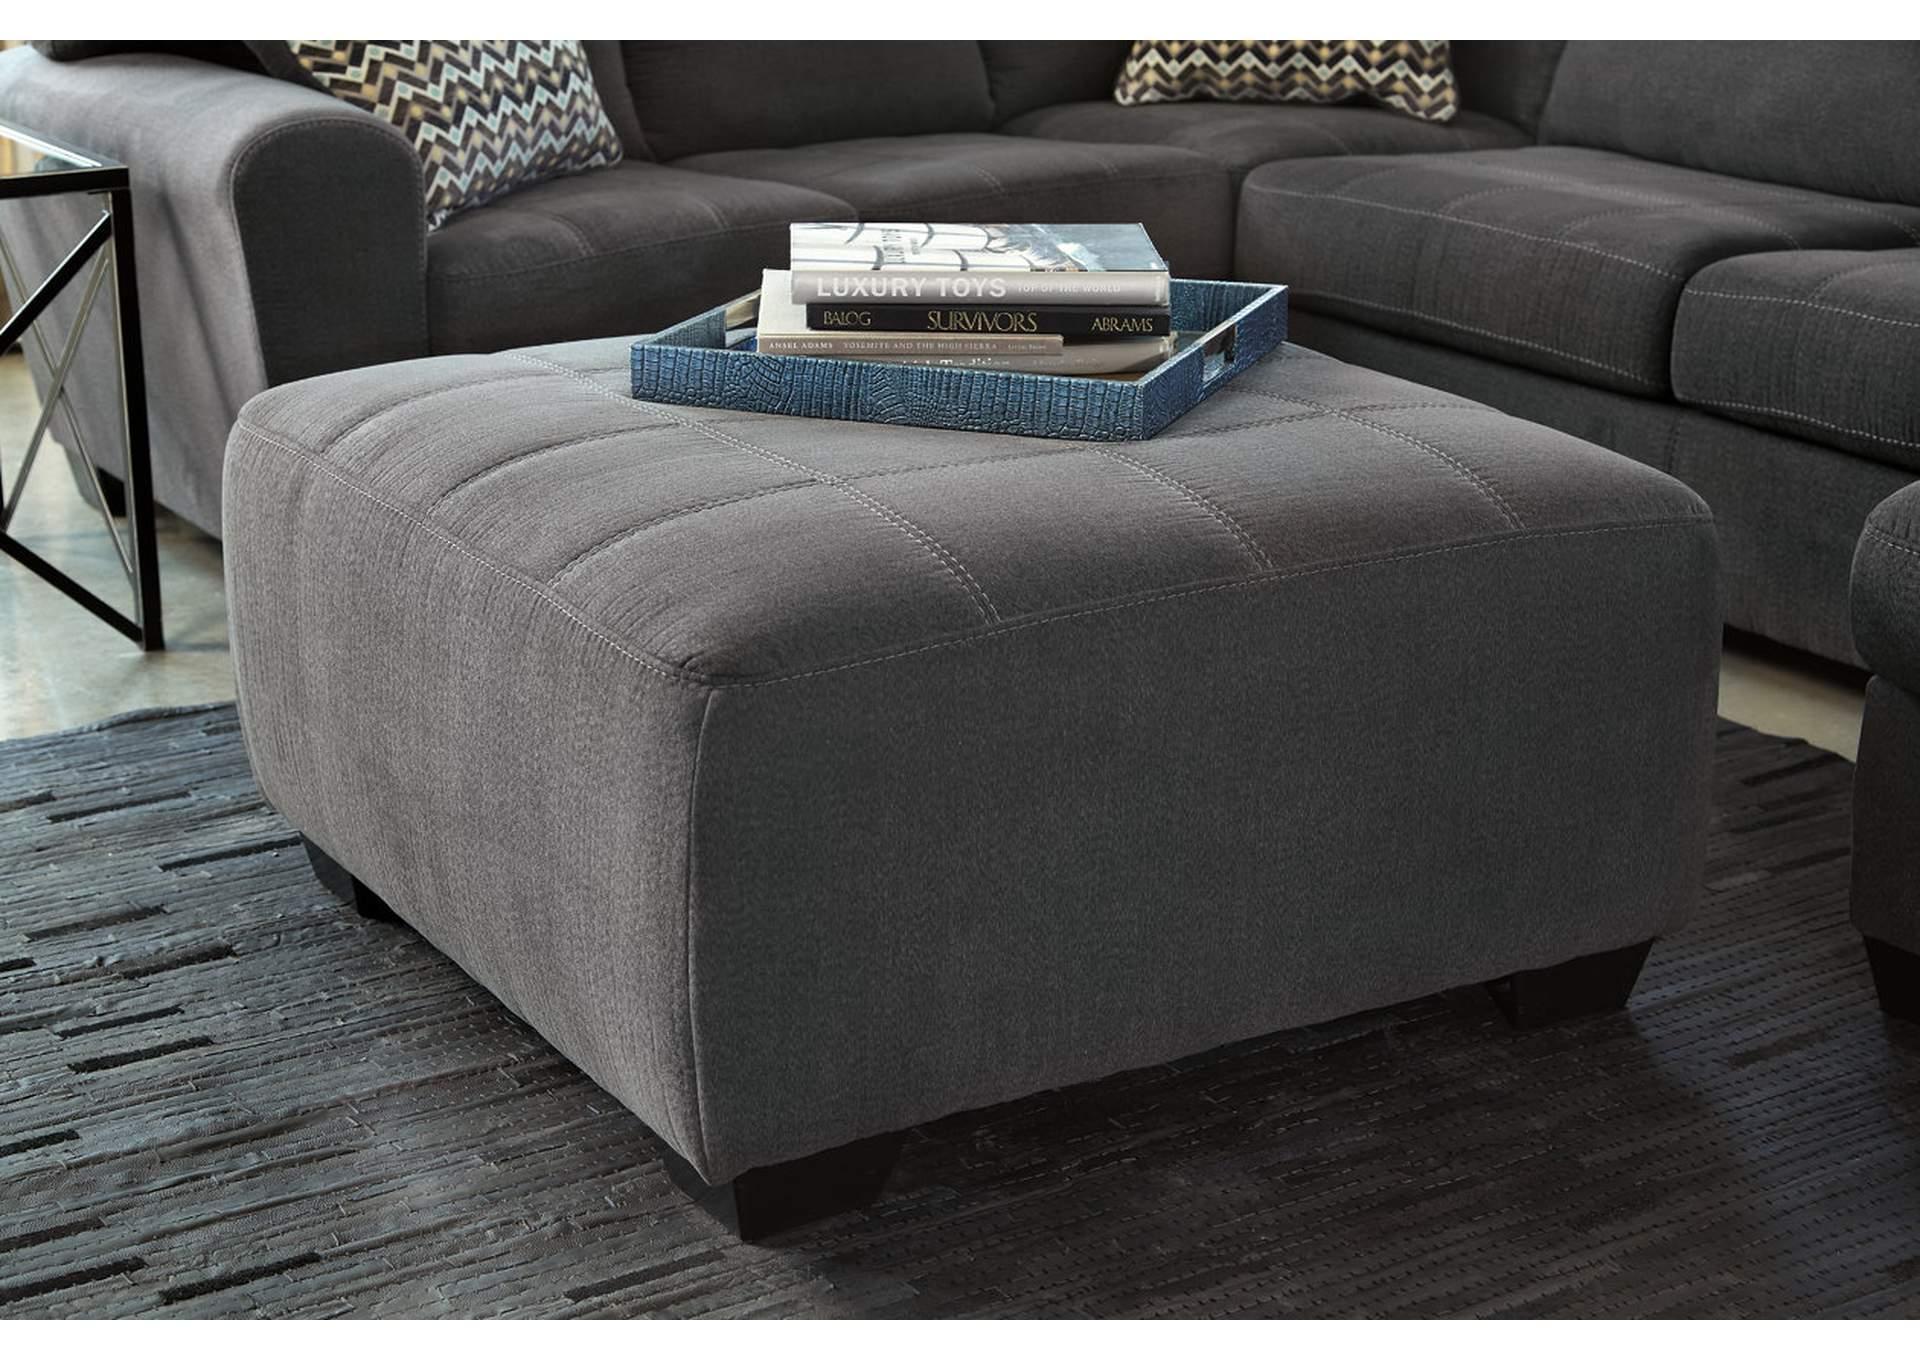 Spiller Furniture Mattress Sorenton Slate Oversized